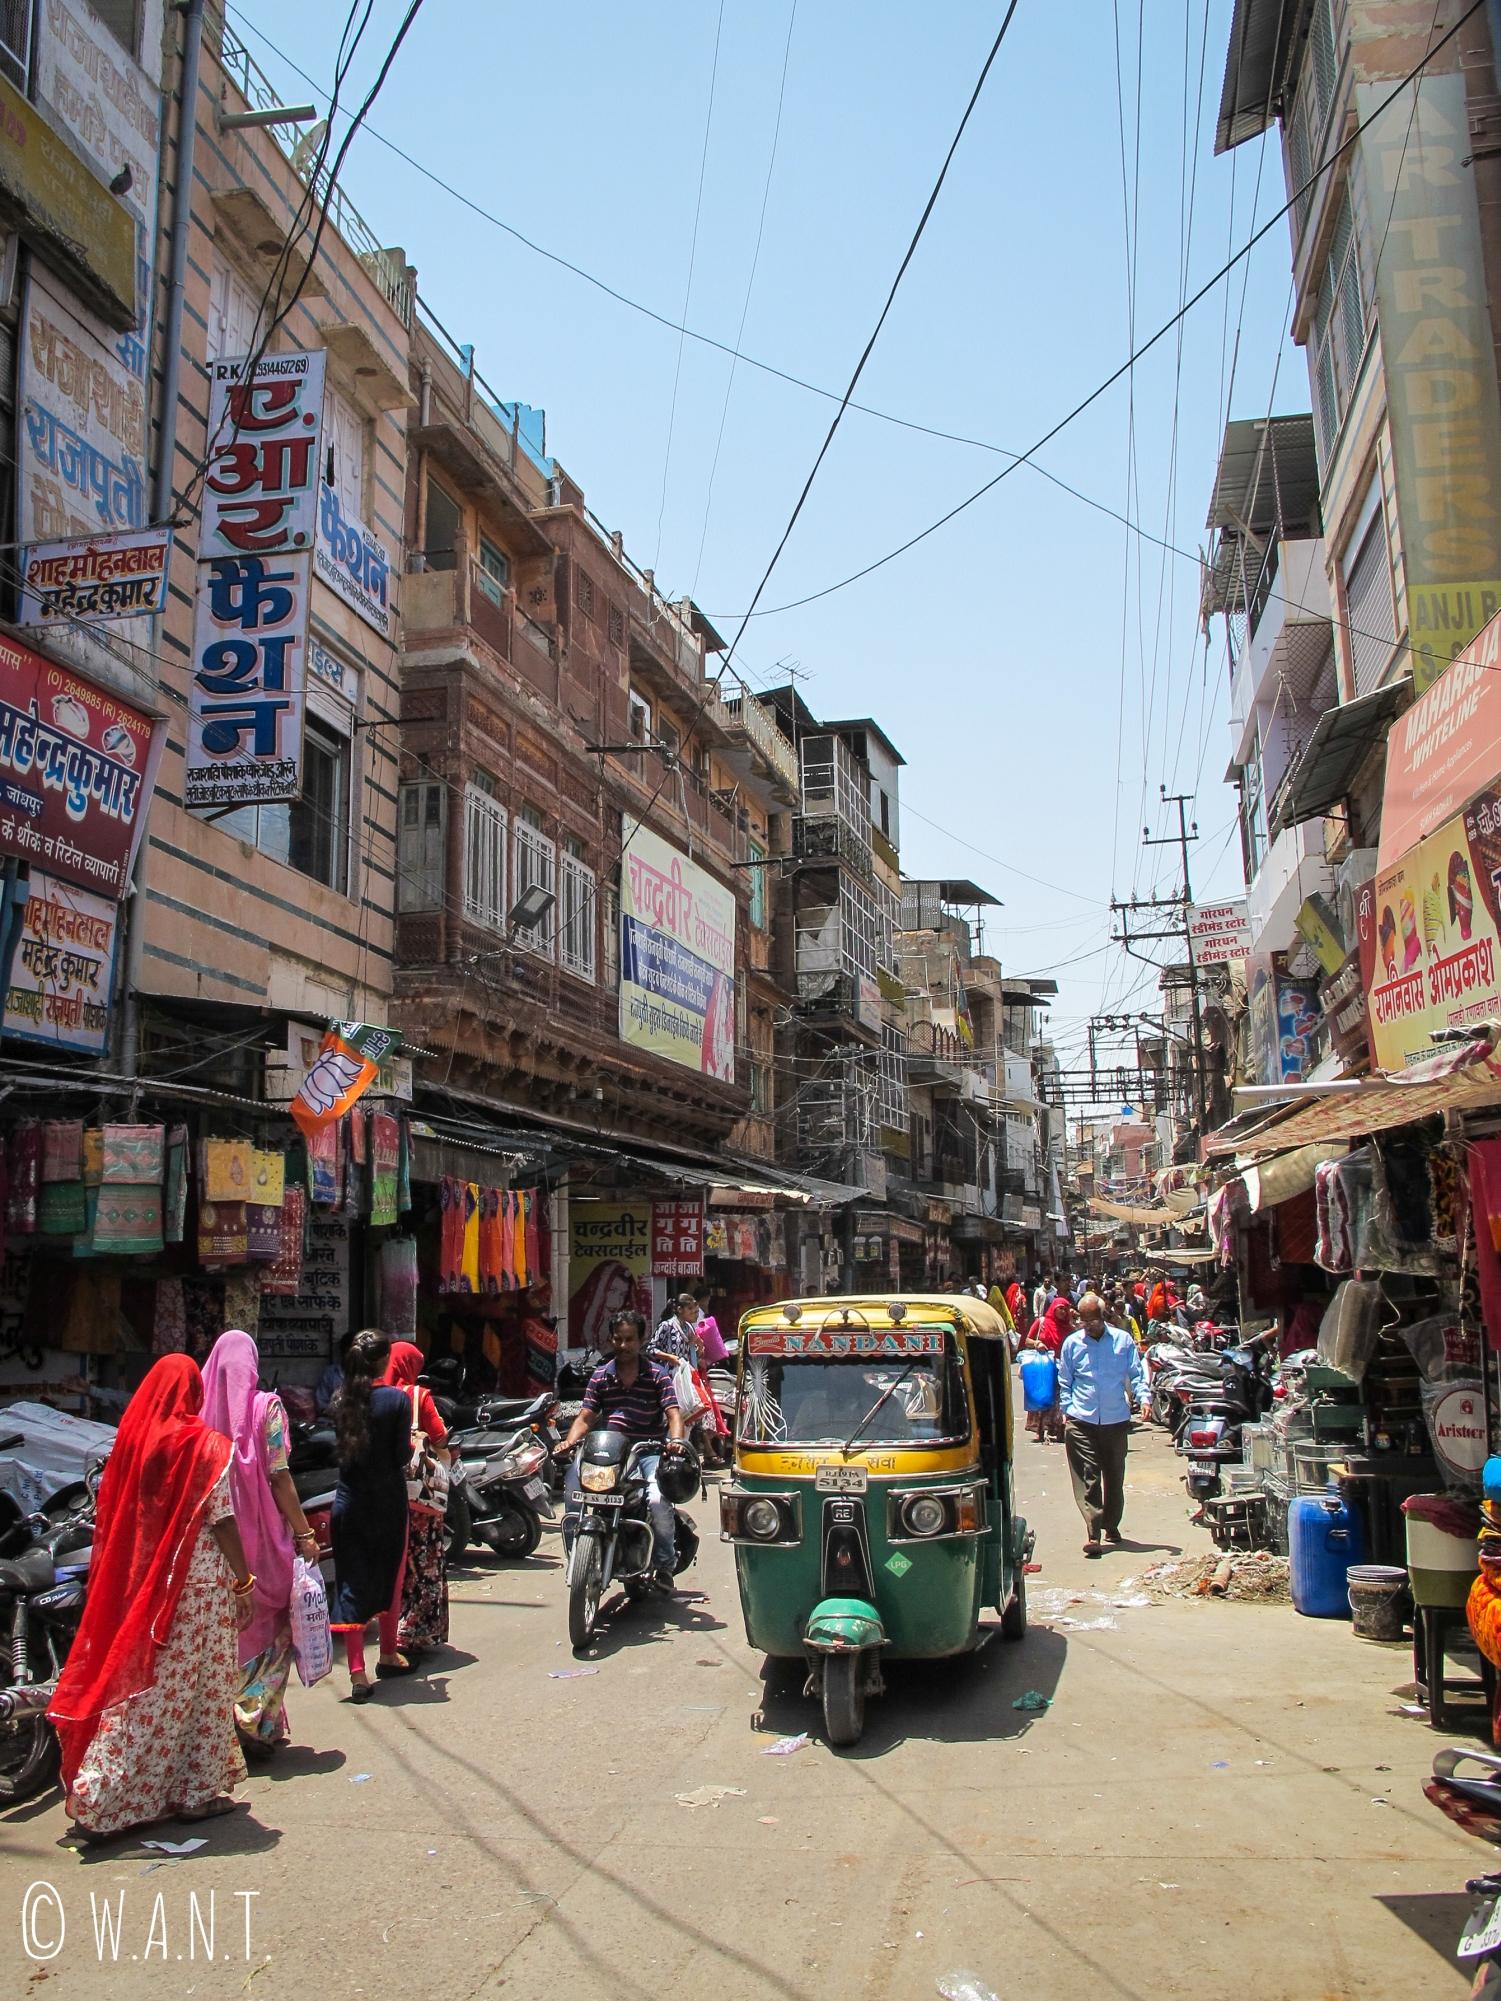 Une rue commerçante jouxtant les bazaars dans la ville de Jodhpur